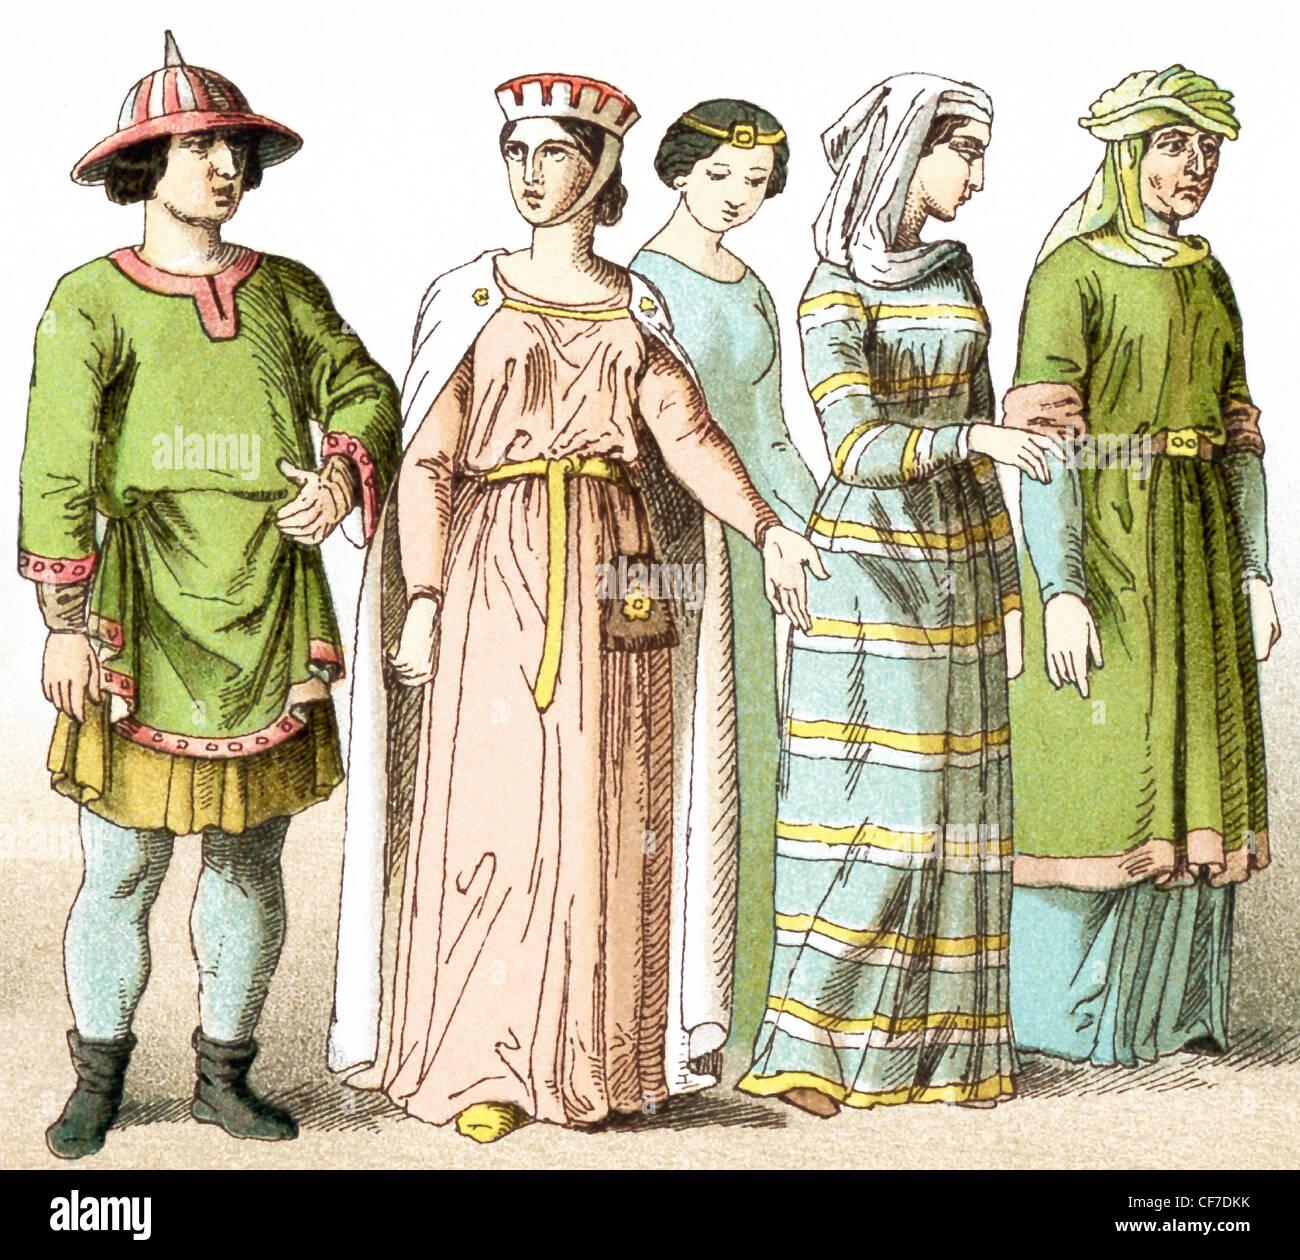 Le figure rappresentano il popolo francese circa A.D. 1100. Essi sono, da sinistra a destra: un uomo di rango e Immagini Stock